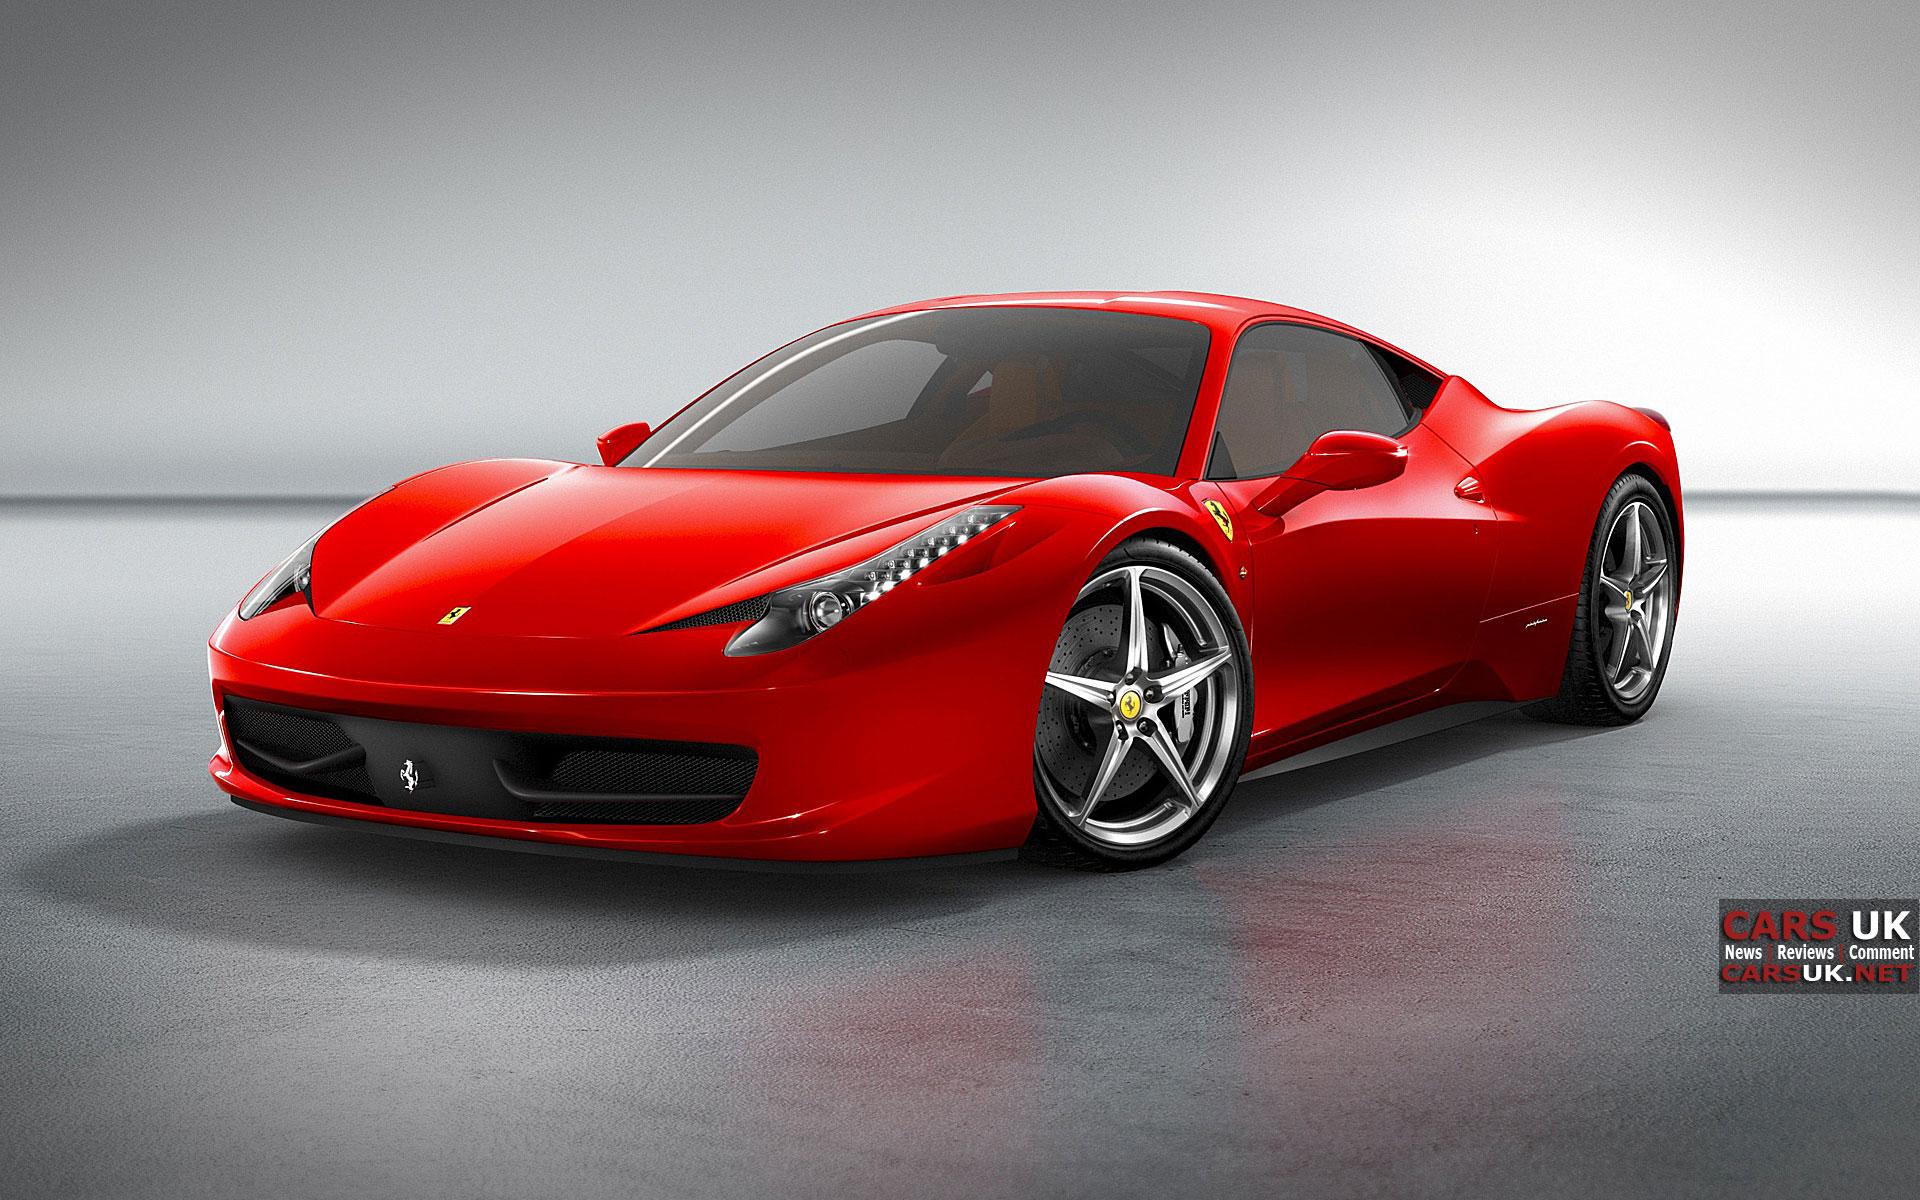 Ferrari 458 Italia Wallpapers for Widescreen Monitor 1920x1200